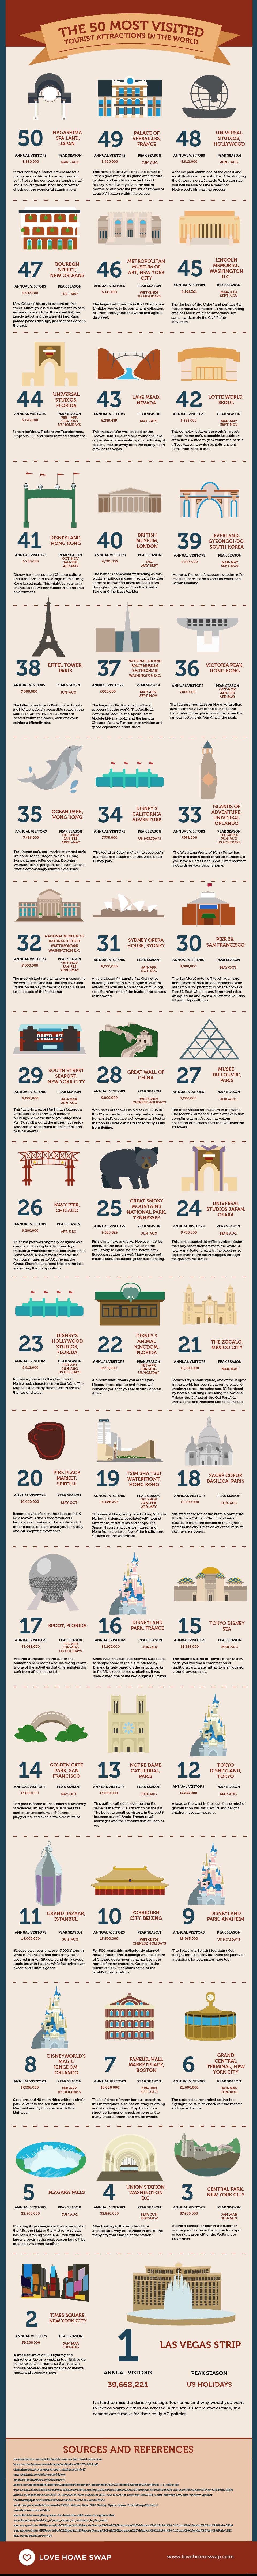 Infográfico com as 50 maiores atrações e lugares mais visitados do mundo